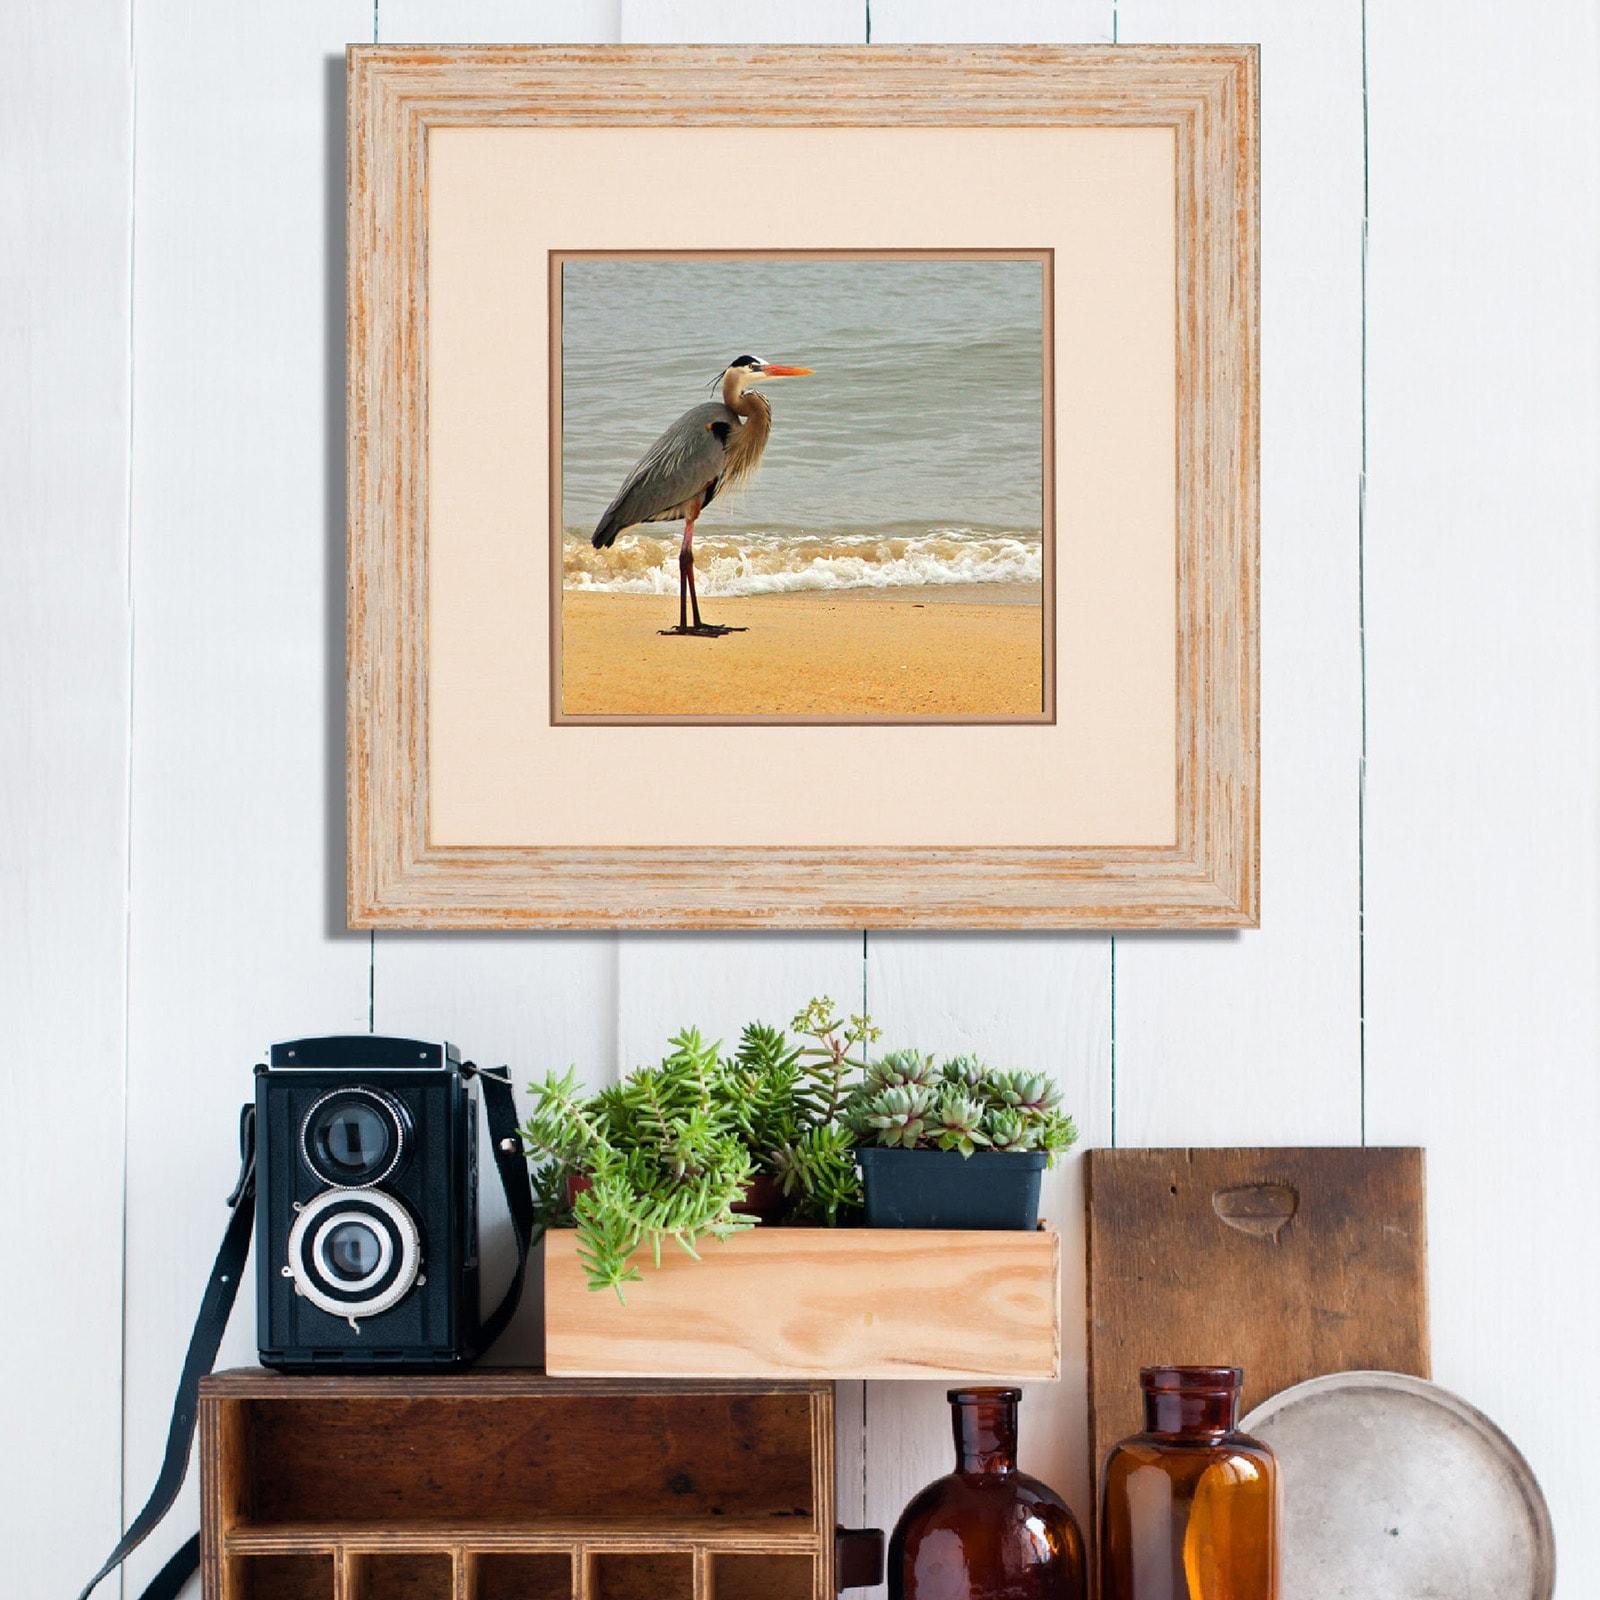 encadreur paris tous styles d encadrement atelier du peintre 1979. Black Bedroom Furniture Sets. Home Design Ideas